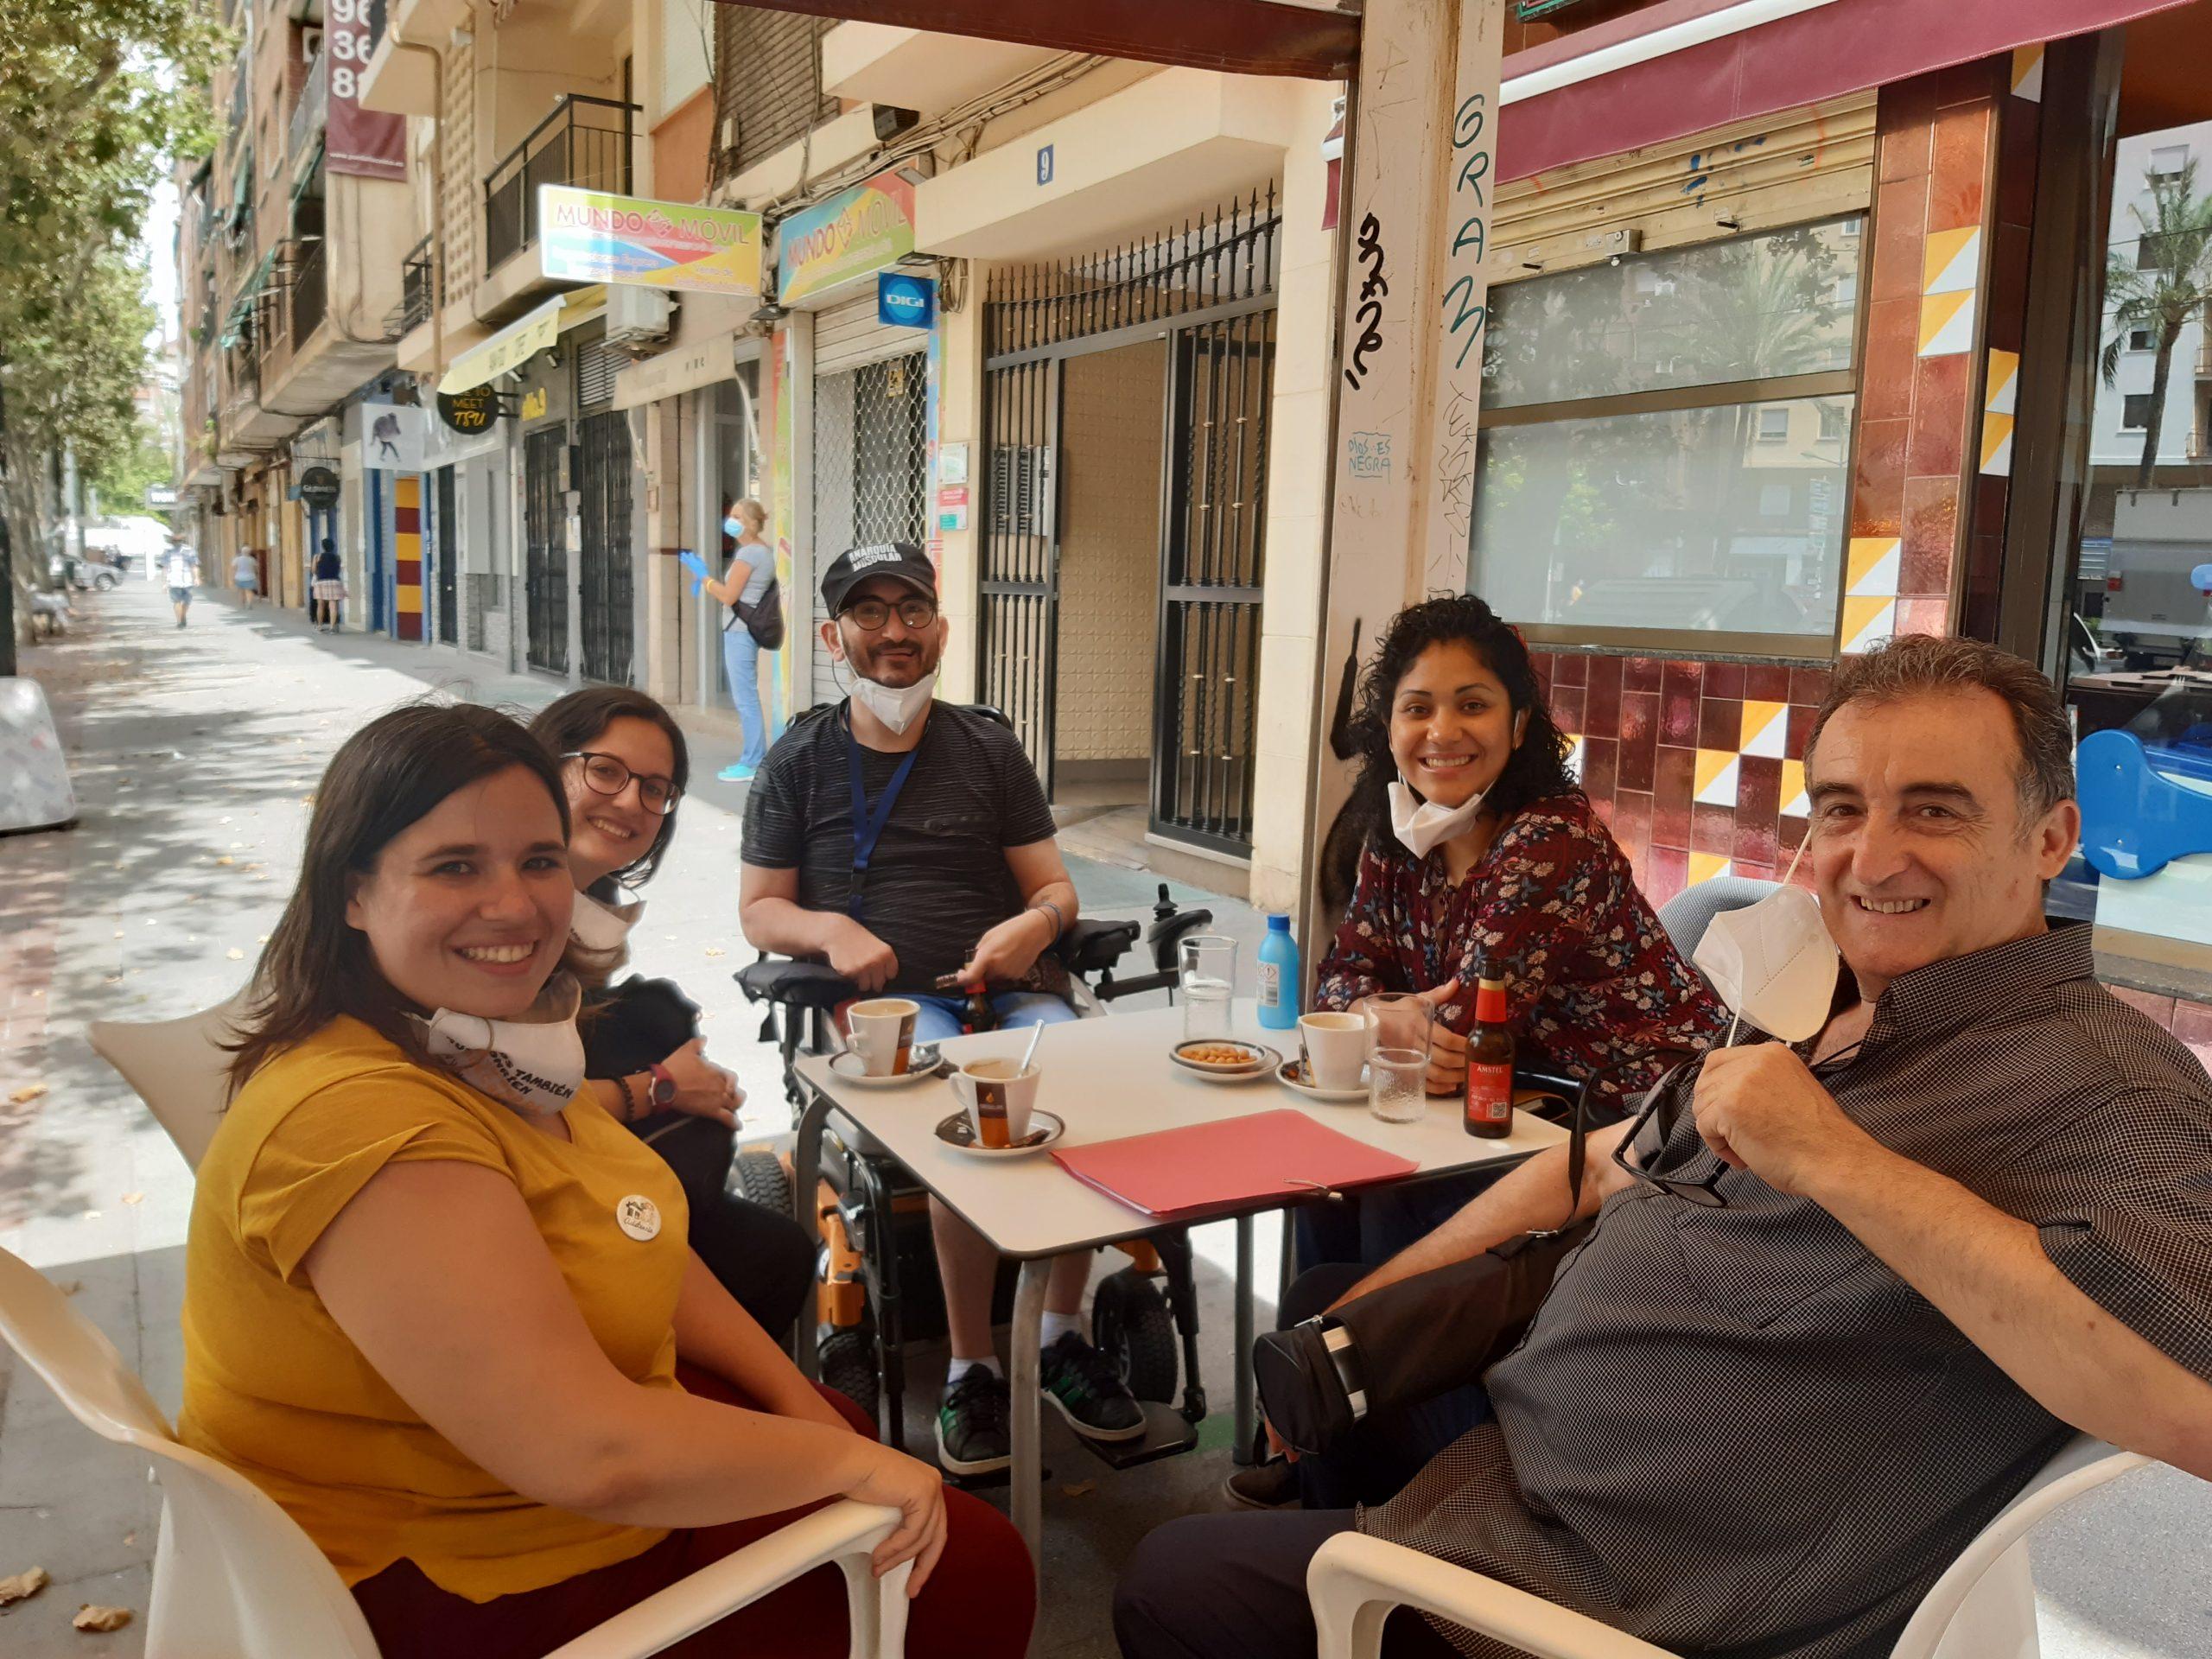 Miembros del equipo comisión empleo tecnológico con apoyo #ETCA celebrando la firma convenio RAMPA DIGITAL en la terraza de un bar con mascarillas y distancia social.